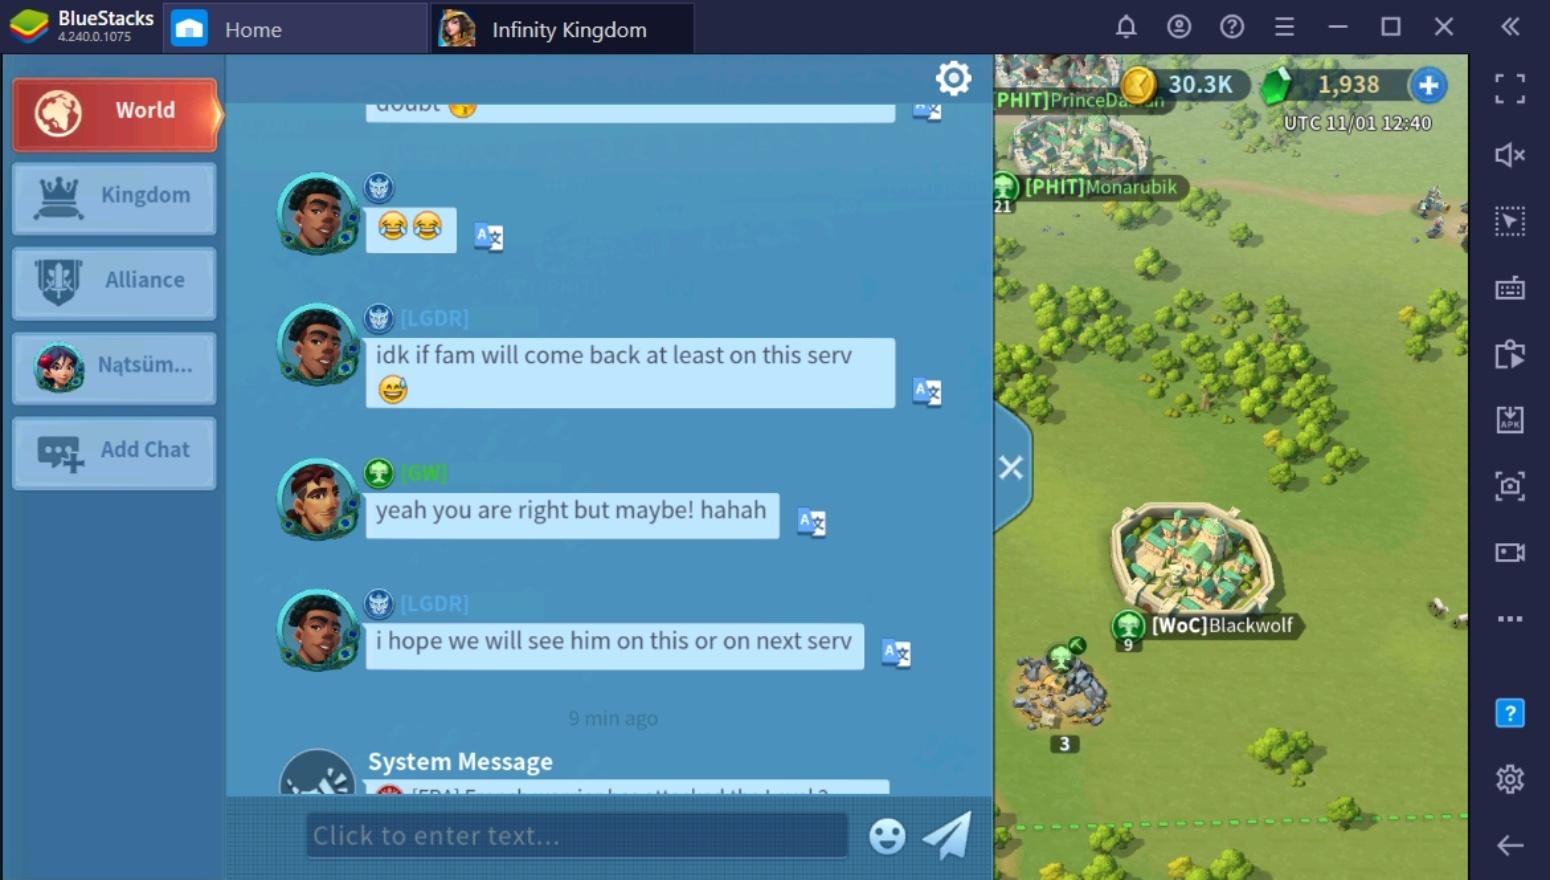 Anfängerleitfaden für den Einstieg in Infinity Kingdom auf dem PC